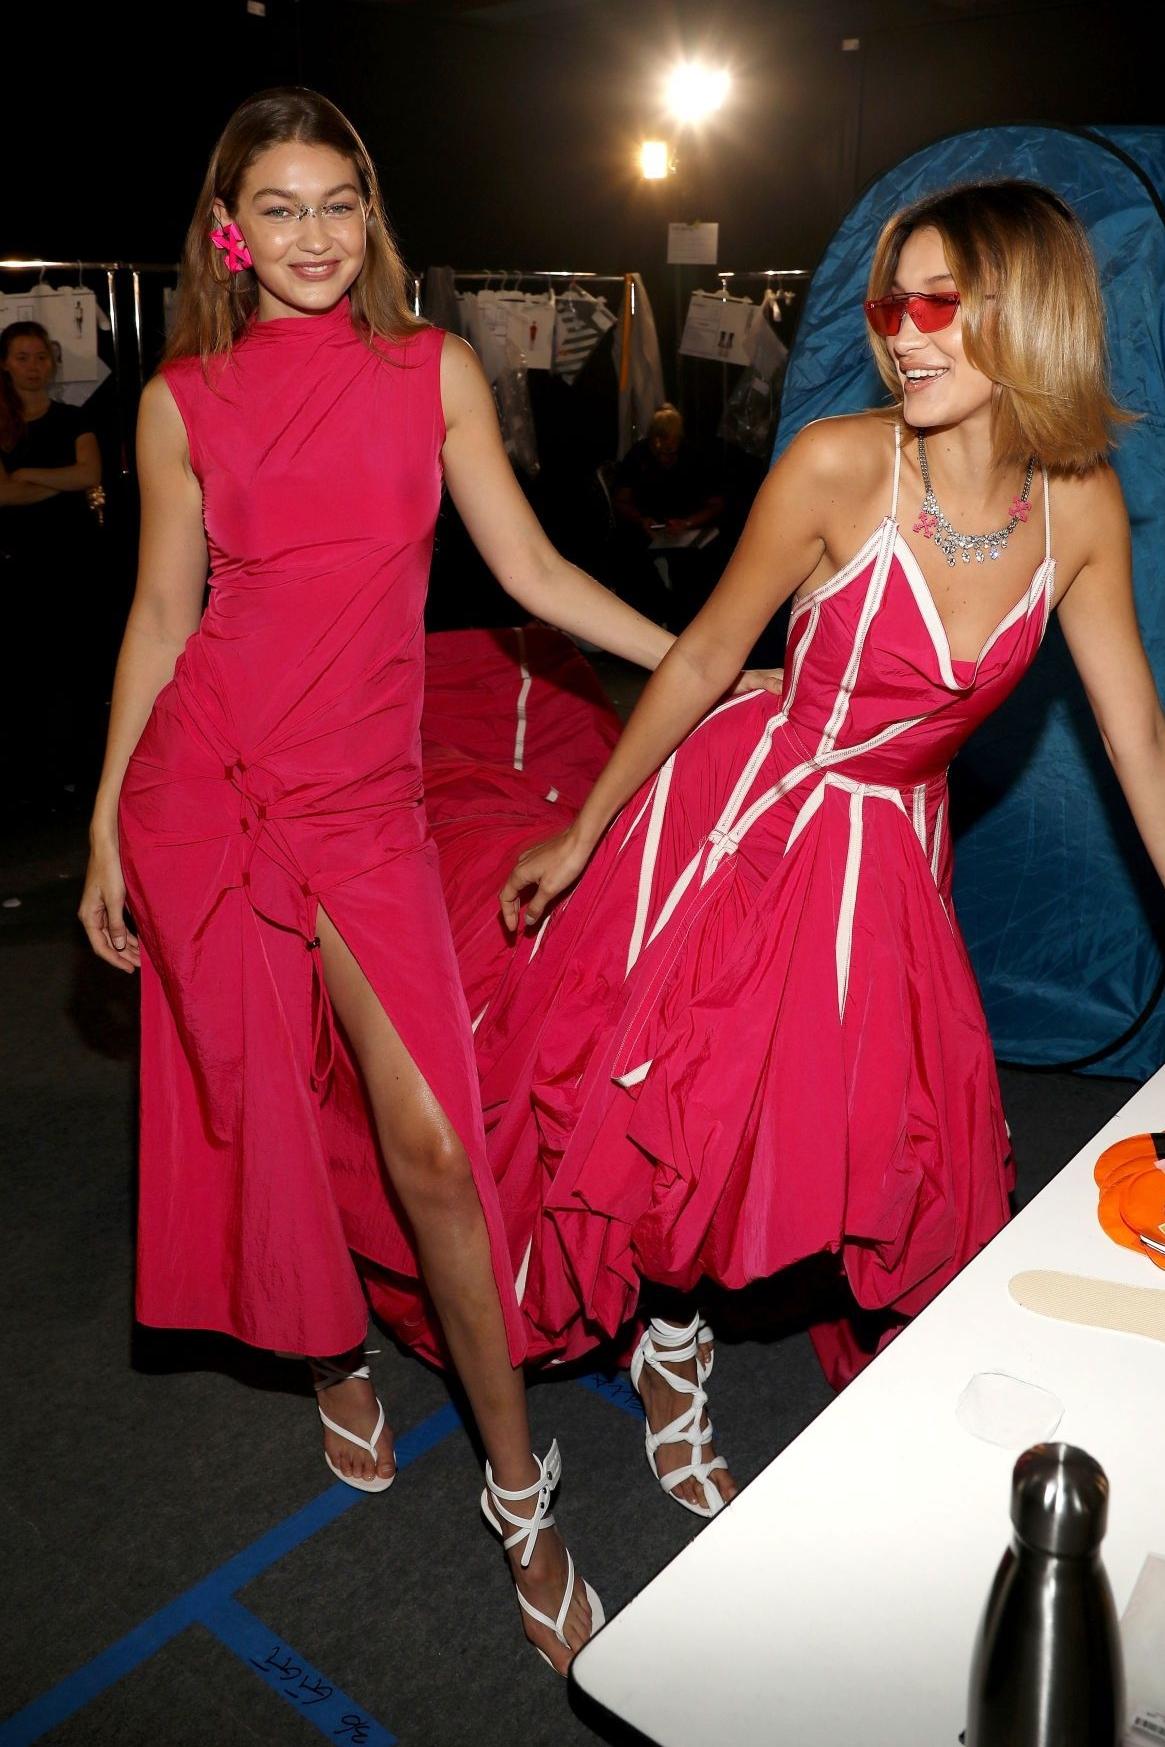 dress gigi hadid bella hadid hadid sisters celebrity model fashion week red dress red asymmetrical asymmetrical dress